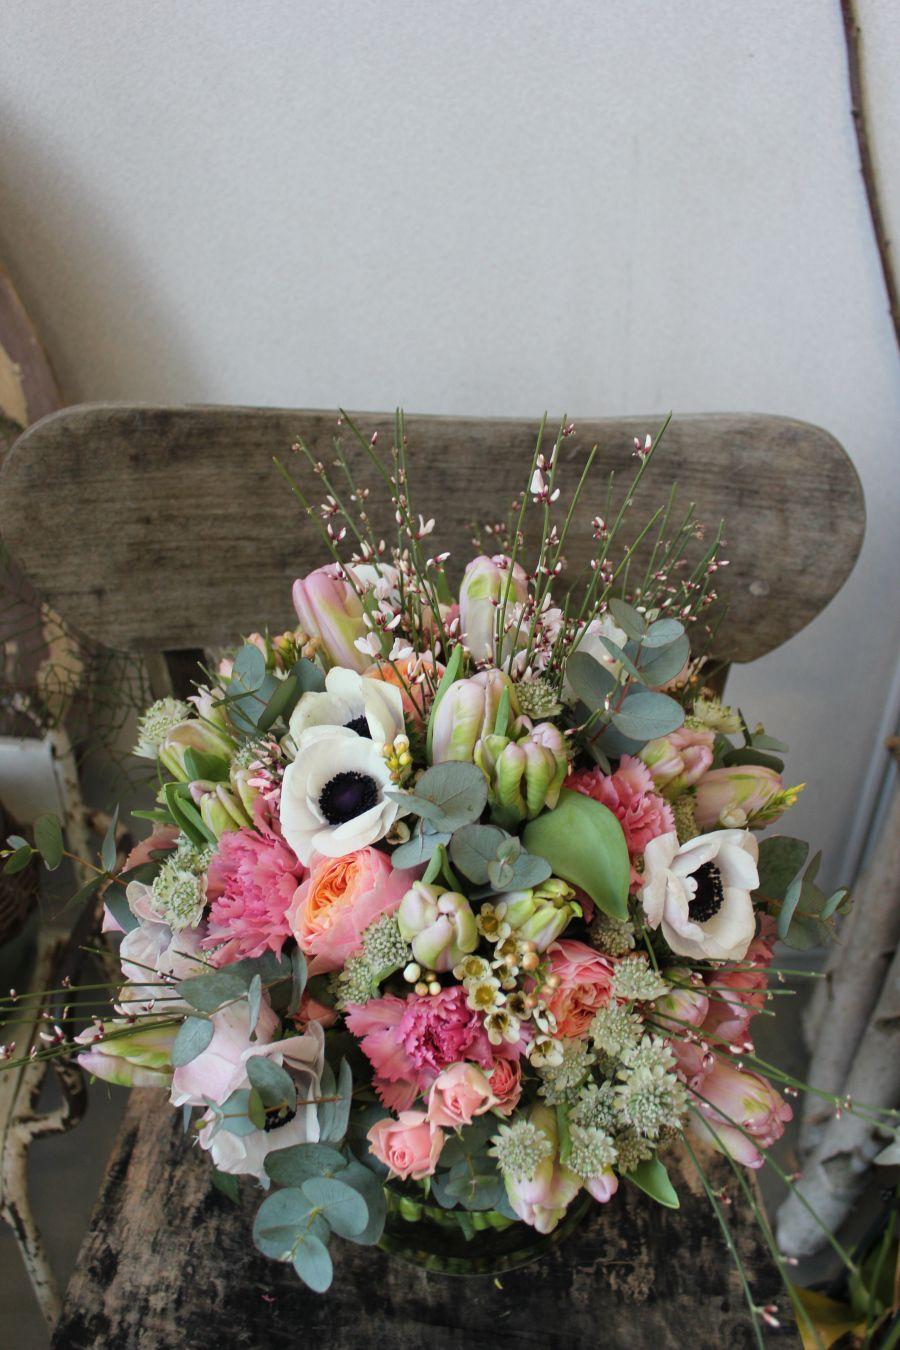 magnifique flowers bouquet de fleurs joli bouquet. Black Bedroom Furniture Sets. Home Design Ideas